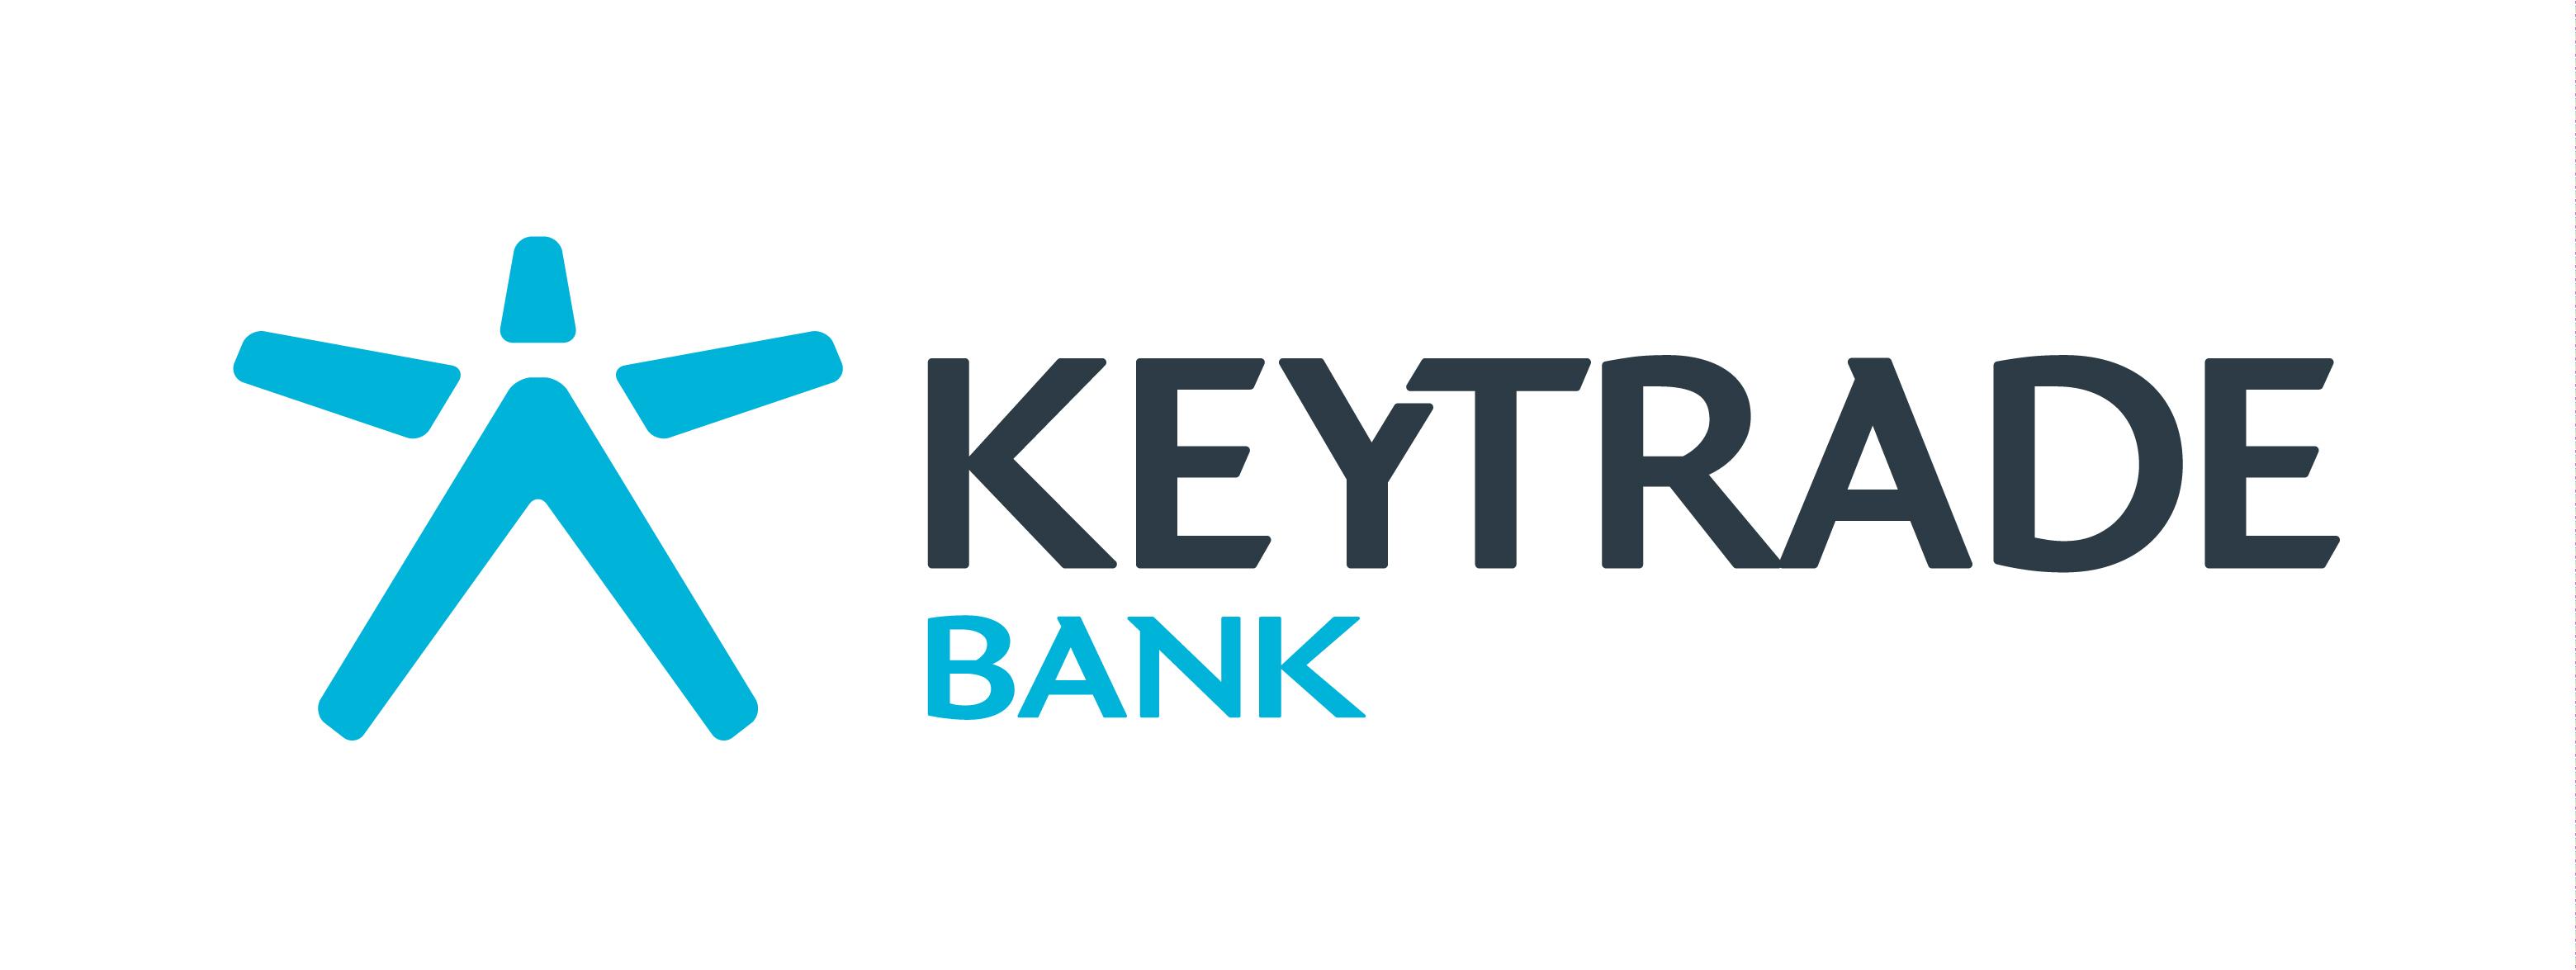 Image result for keytrade logo